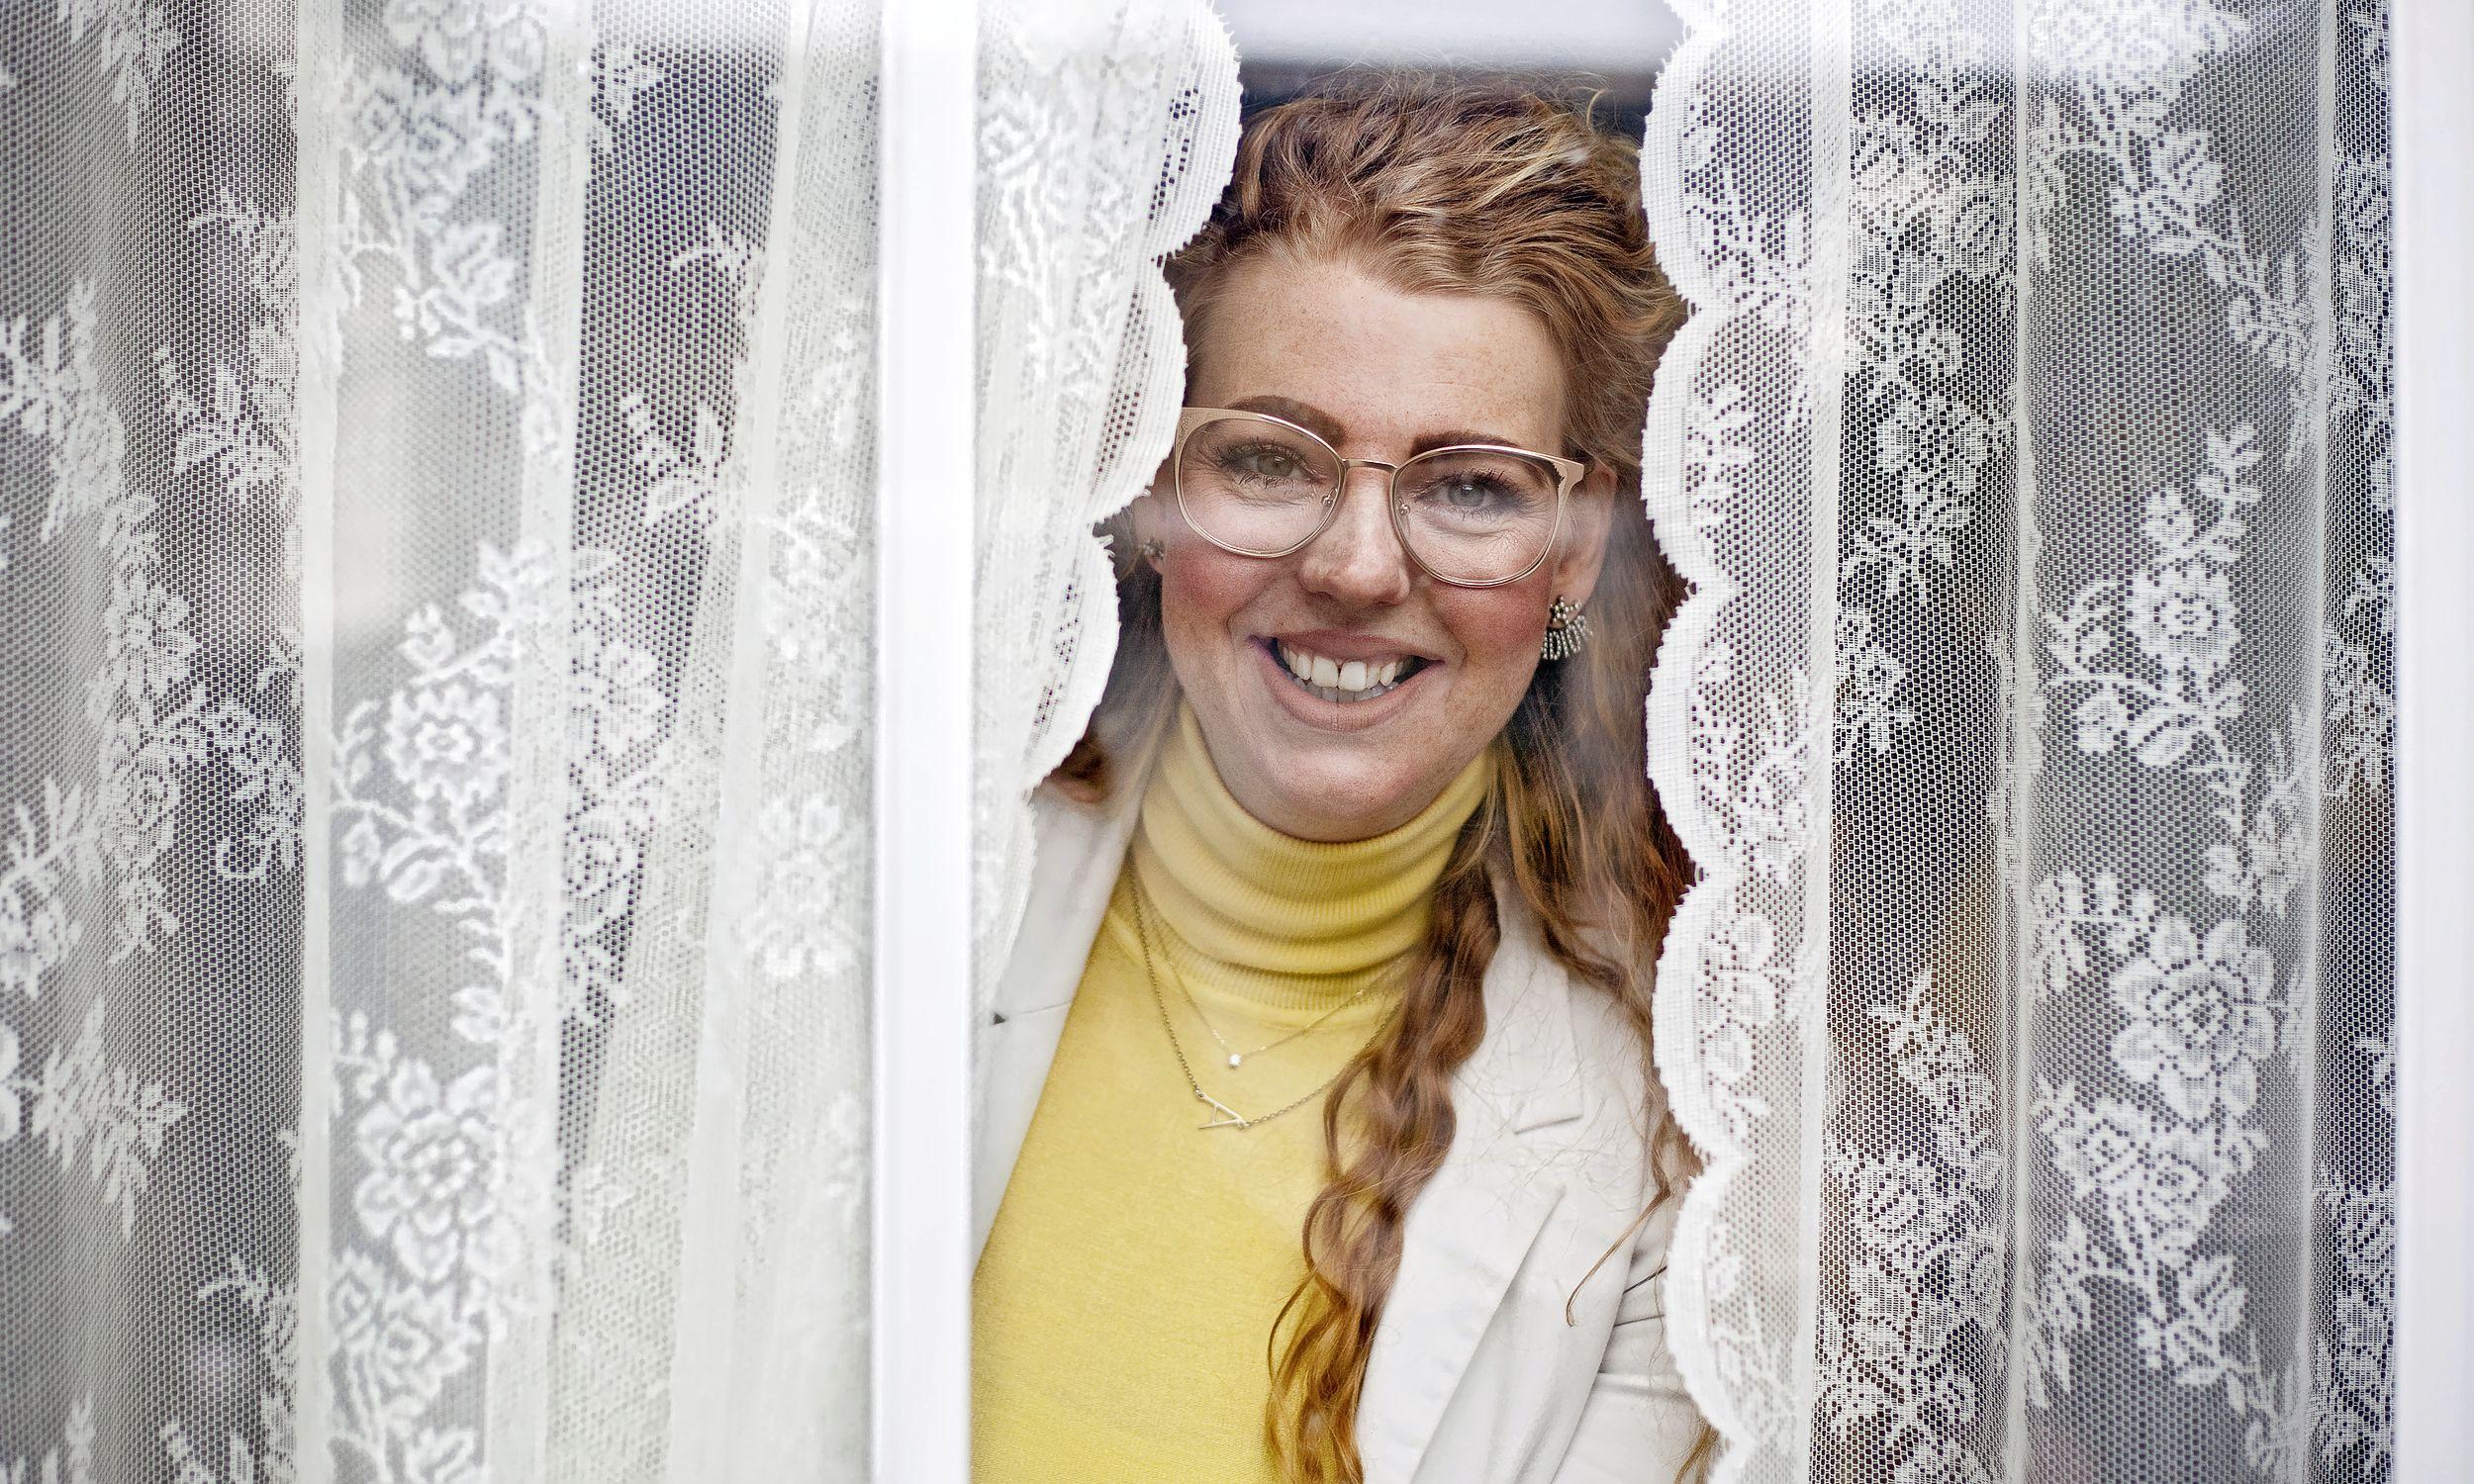 Laura Ouderkerken wil andere vrouwen laten zien dat ze meer kunnen dan ze denken. 'Natuurlijk zit ik ook met mijn kinderen op de bank of help ik ze pannenkoeken bakken, maar als ze naar bed zijn, zit ik weer achter mijn laptop'